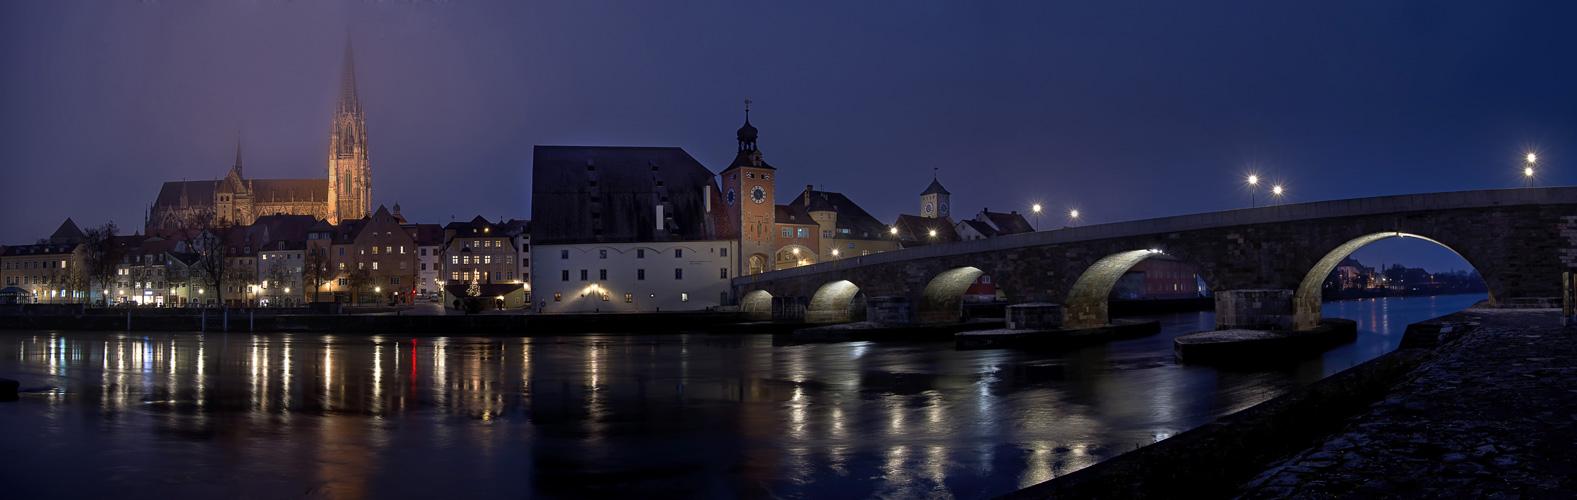 Regensburg zur blauen Stunde im November 2020